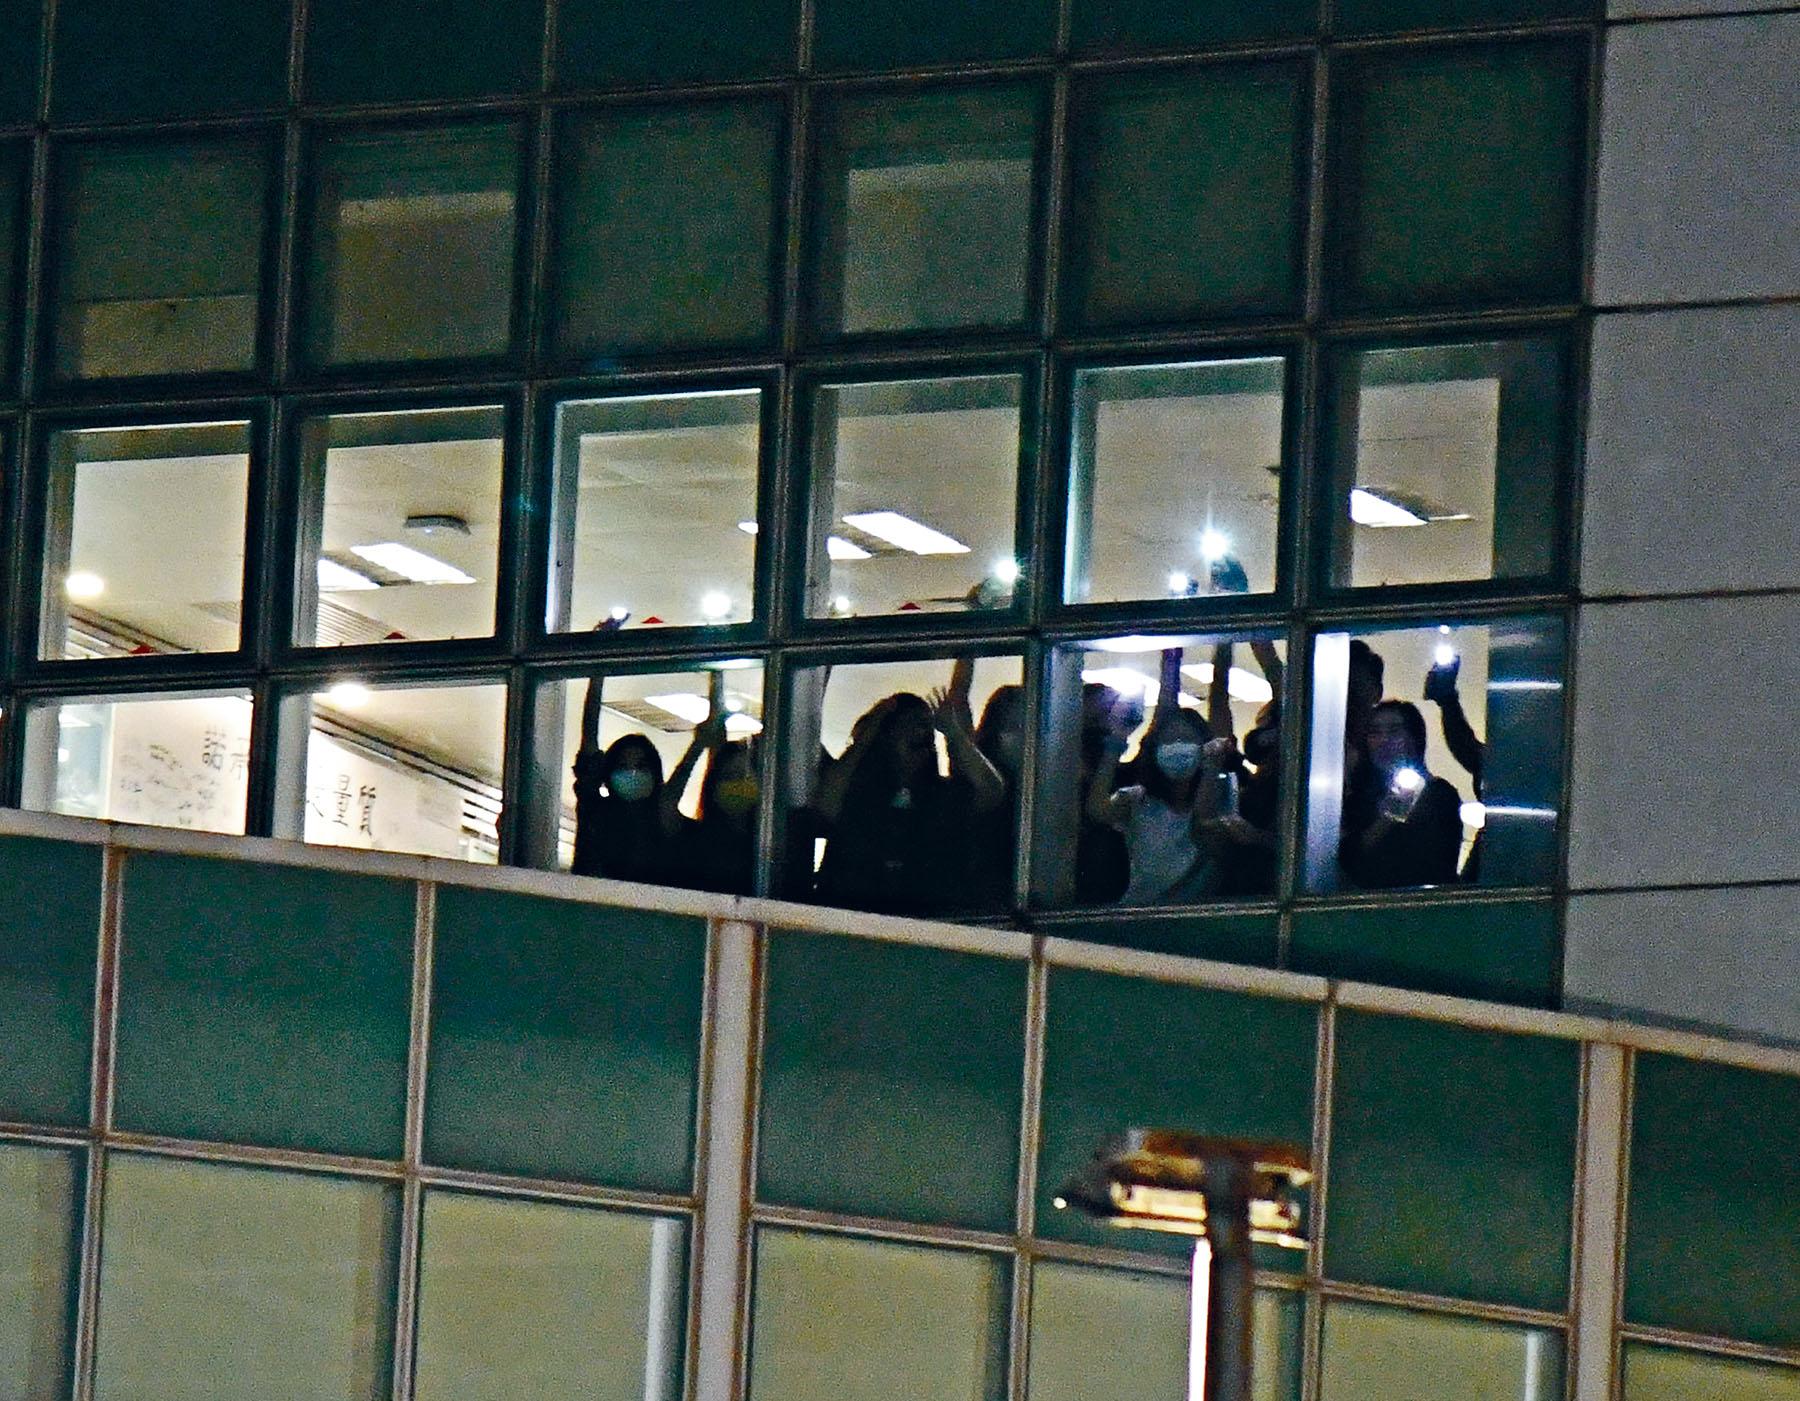 21日晚一批員工隔著玻璃窗,向大樓外採訪記者亮著手機電筒及揮手「道別」。徐裕民攝